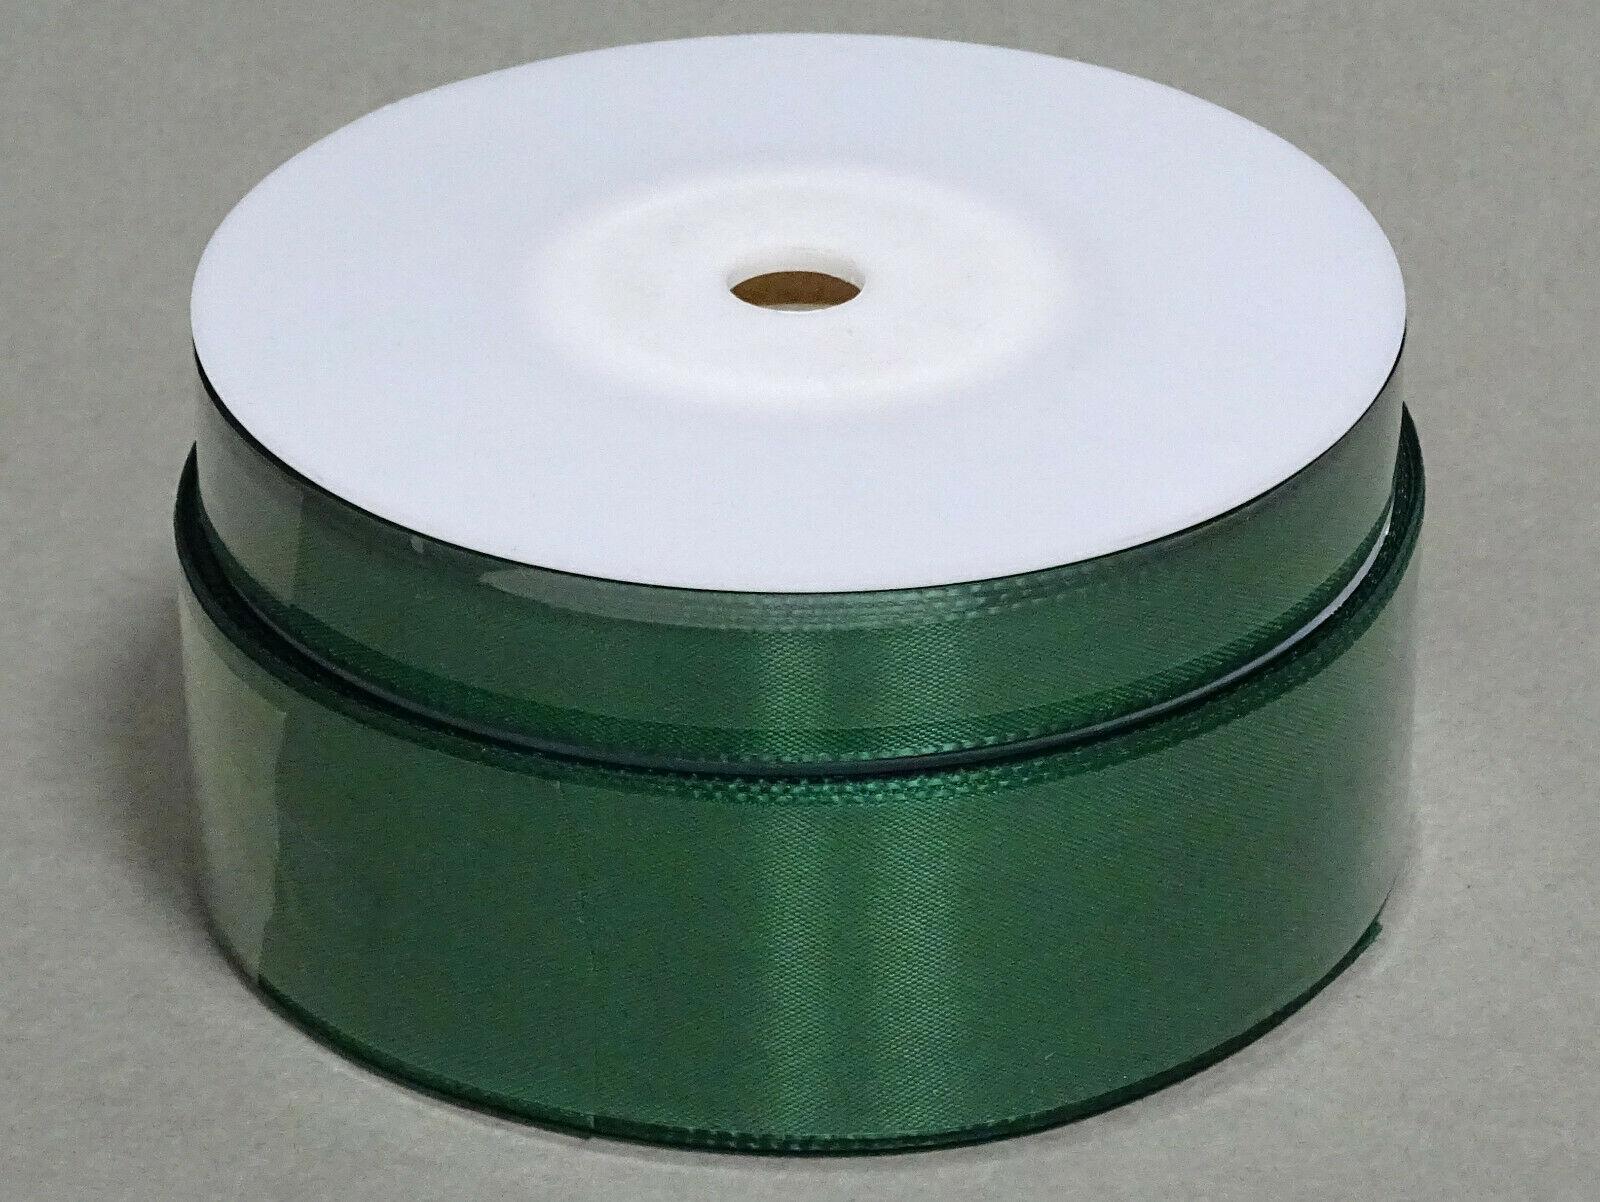 Seidenband Schleifenband 50 m x 15 mm / 40 mm Dekoband ab 0,08 €/m Geschenkband  - Grün 858, 15 mm x 50 m